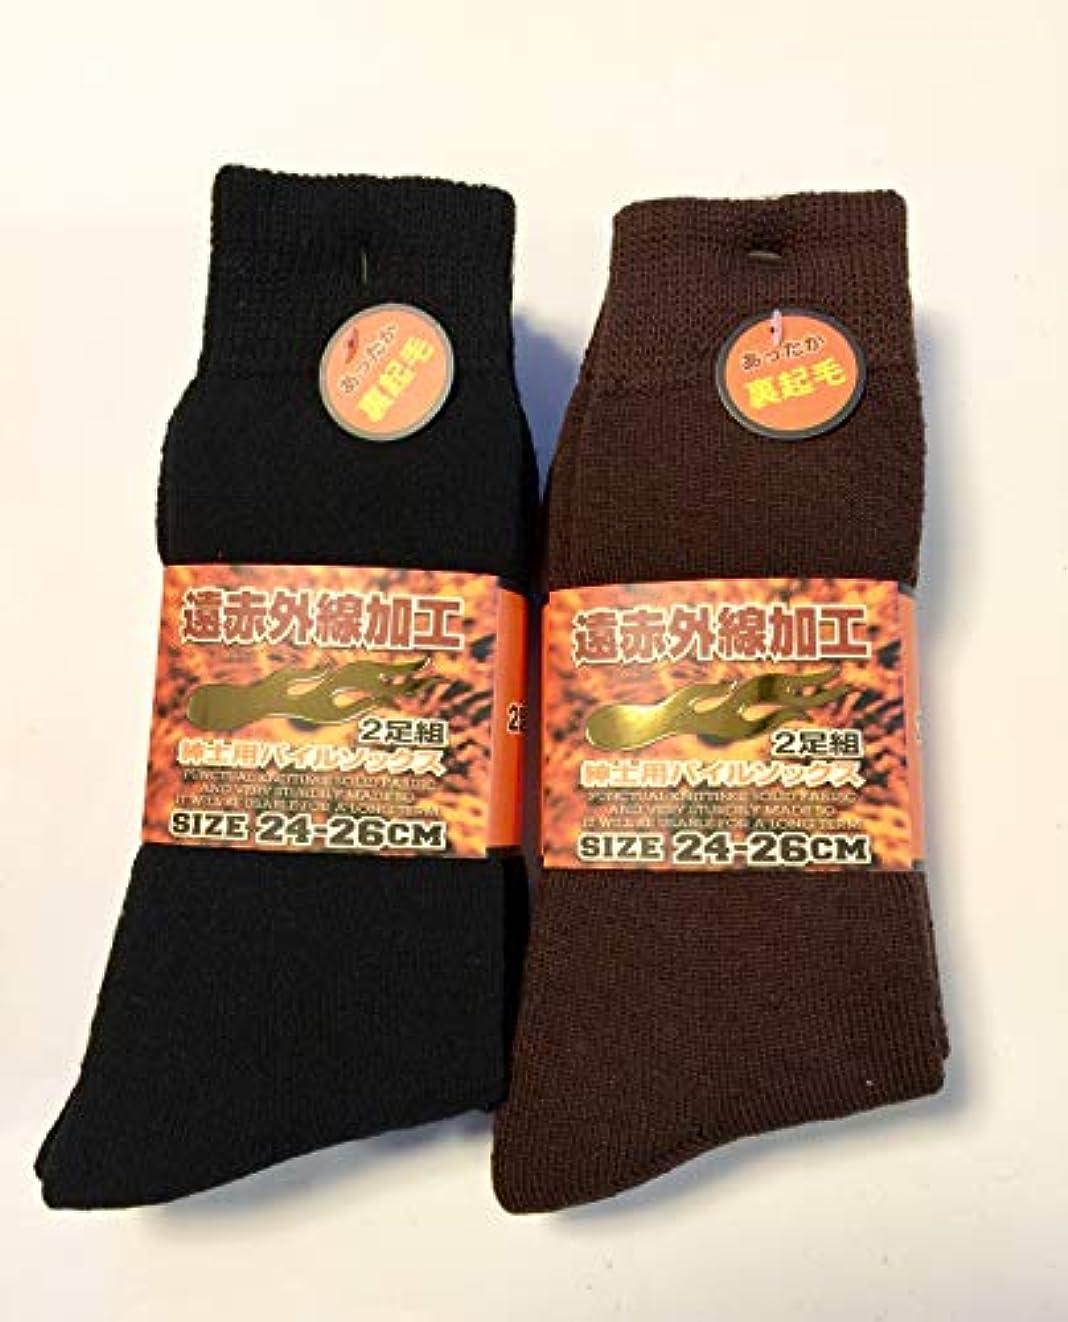 娯楽セーブ祖母靴下 メンズ あったか 裏起毛パイルソックス 保温力抜群 遠赤外線加工 24-26cm 4足組 (色はお任せ)